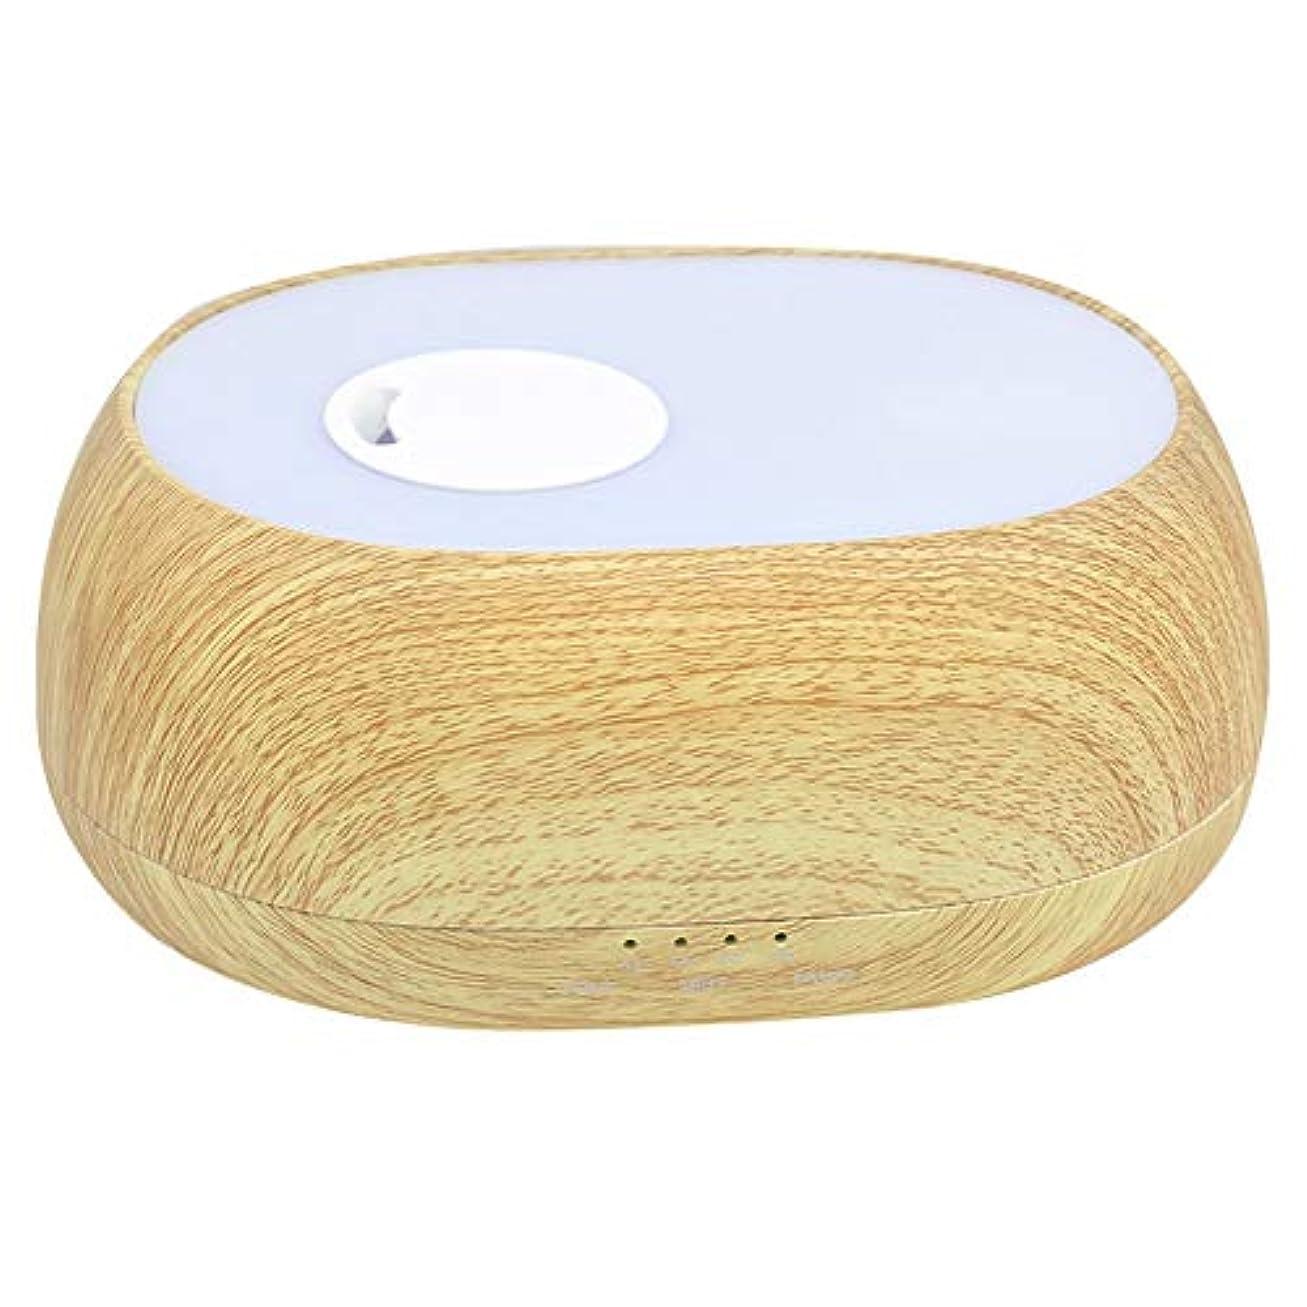 ラバ手綱失望加湿器 超音波 クールミスト 7色ライト アロマセラピー 芳香 オイル蒸発器 ディフューザー エッセンシャルオイル エアー浄化 (500ml)(#1)